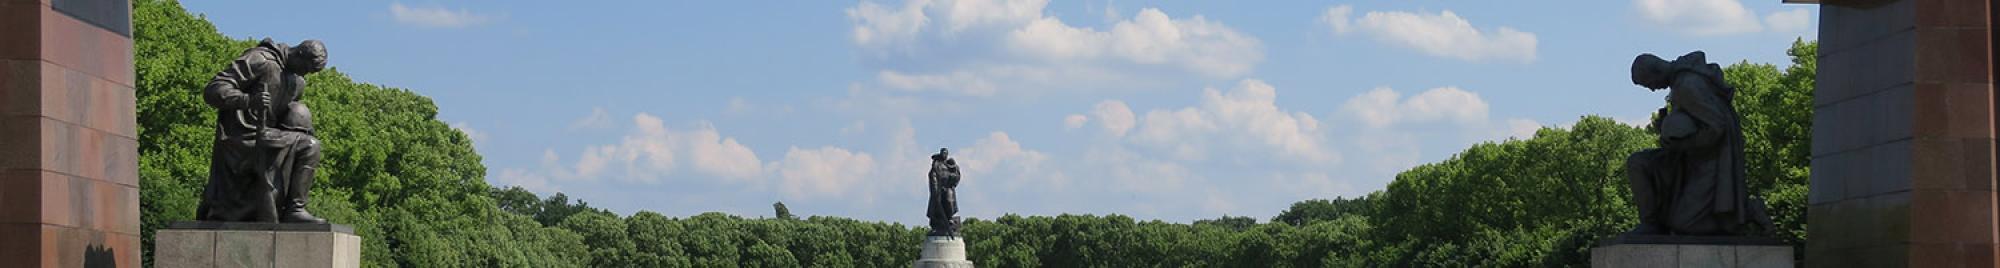 Statues of kneeling Soviet soldiers at the Treptower Park memorial in Berlin